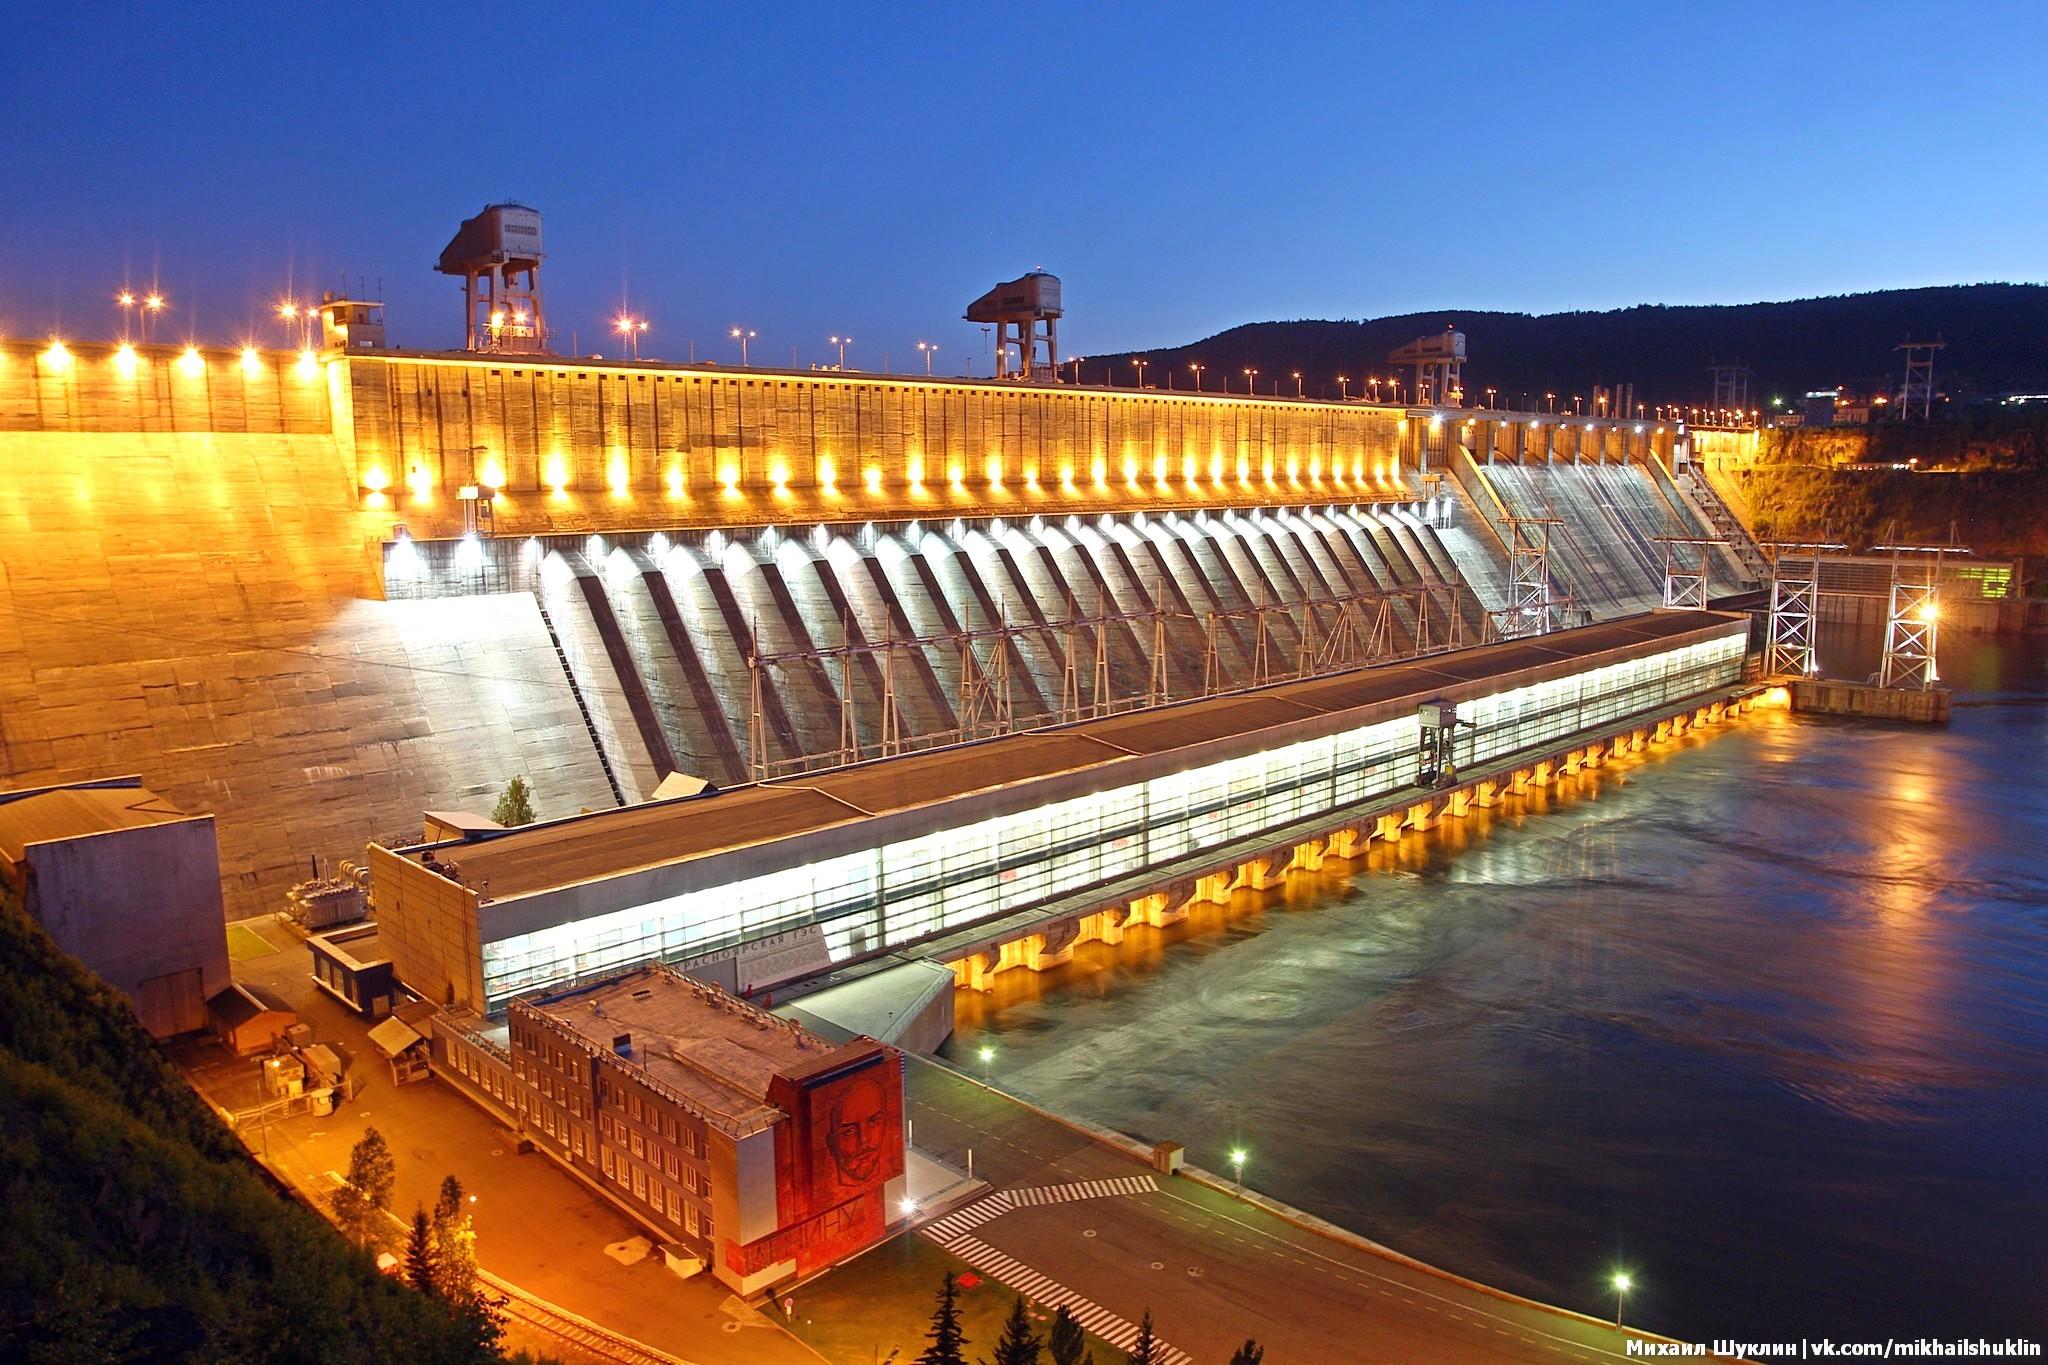 8 июня 2018 прошел фототур на Красноярскую ГЭС, вечером была включена подсветка, посмотрим как это было.